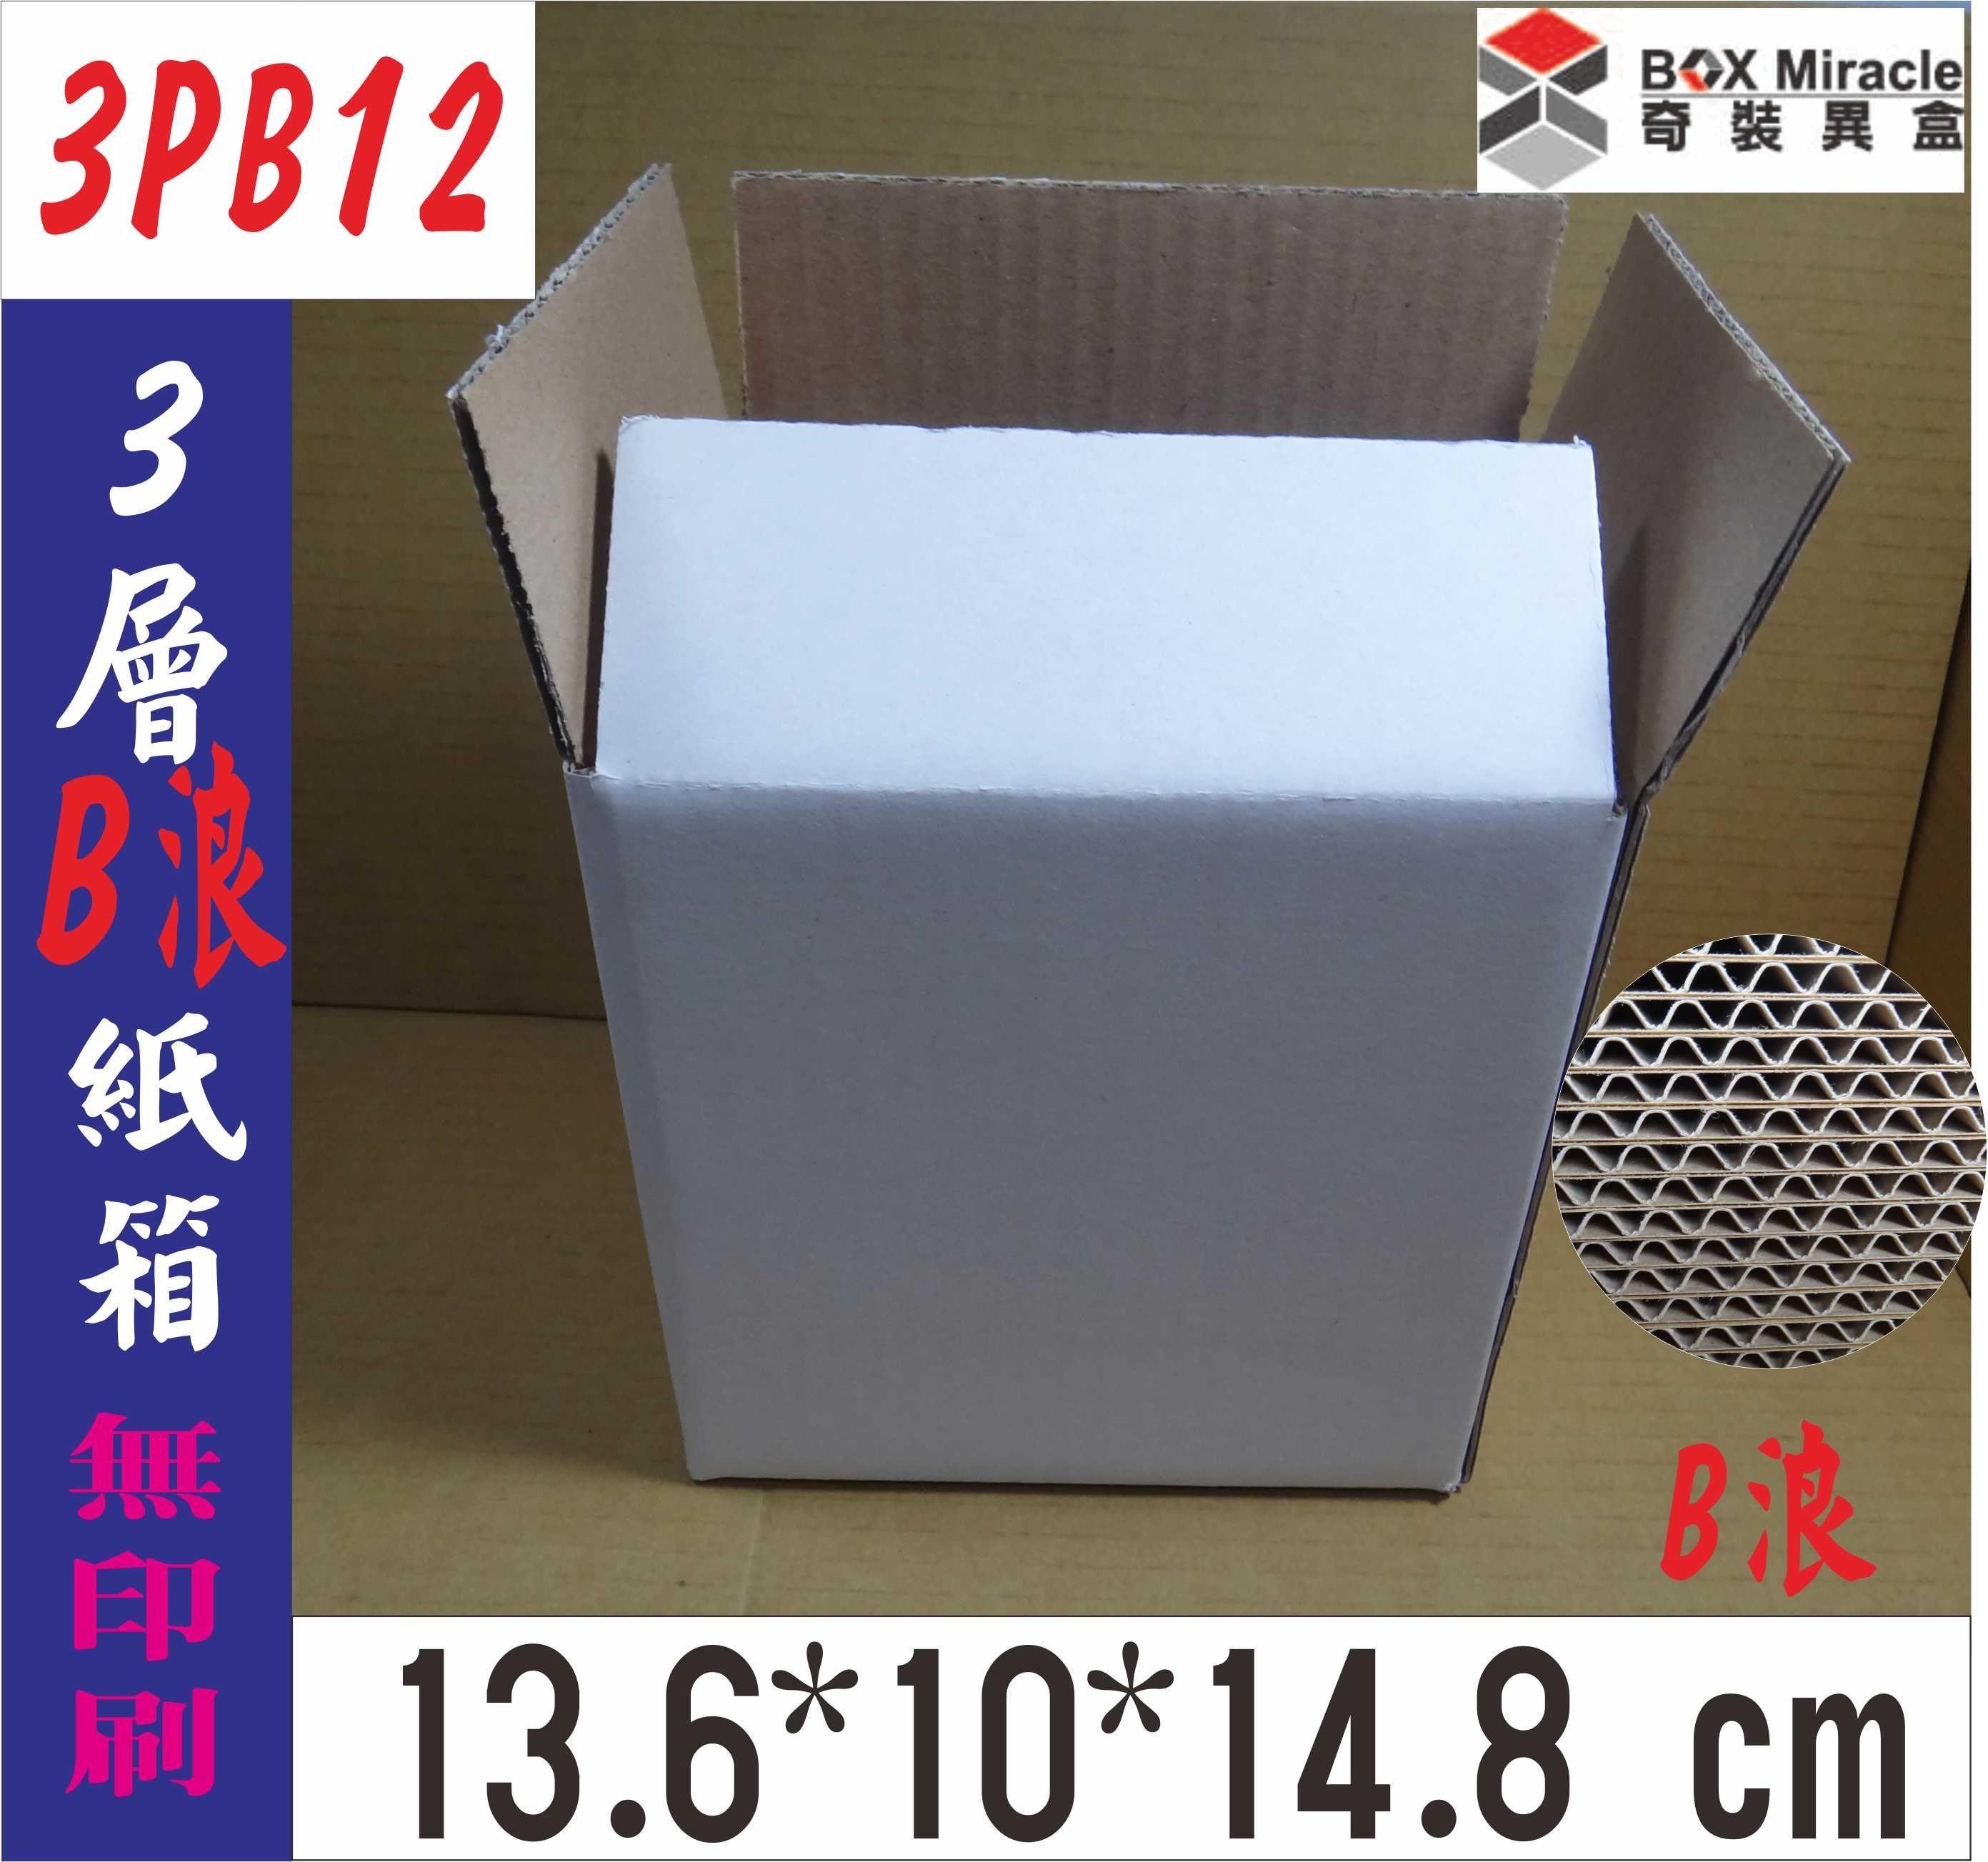 ~紙箱工廠~【3PB12】3層B浪白紙盒=4.5元/個 便利箱 寄件箱 扁盒 訂做紙盒 彩盒 箱子 牙膏盒 貓抓板